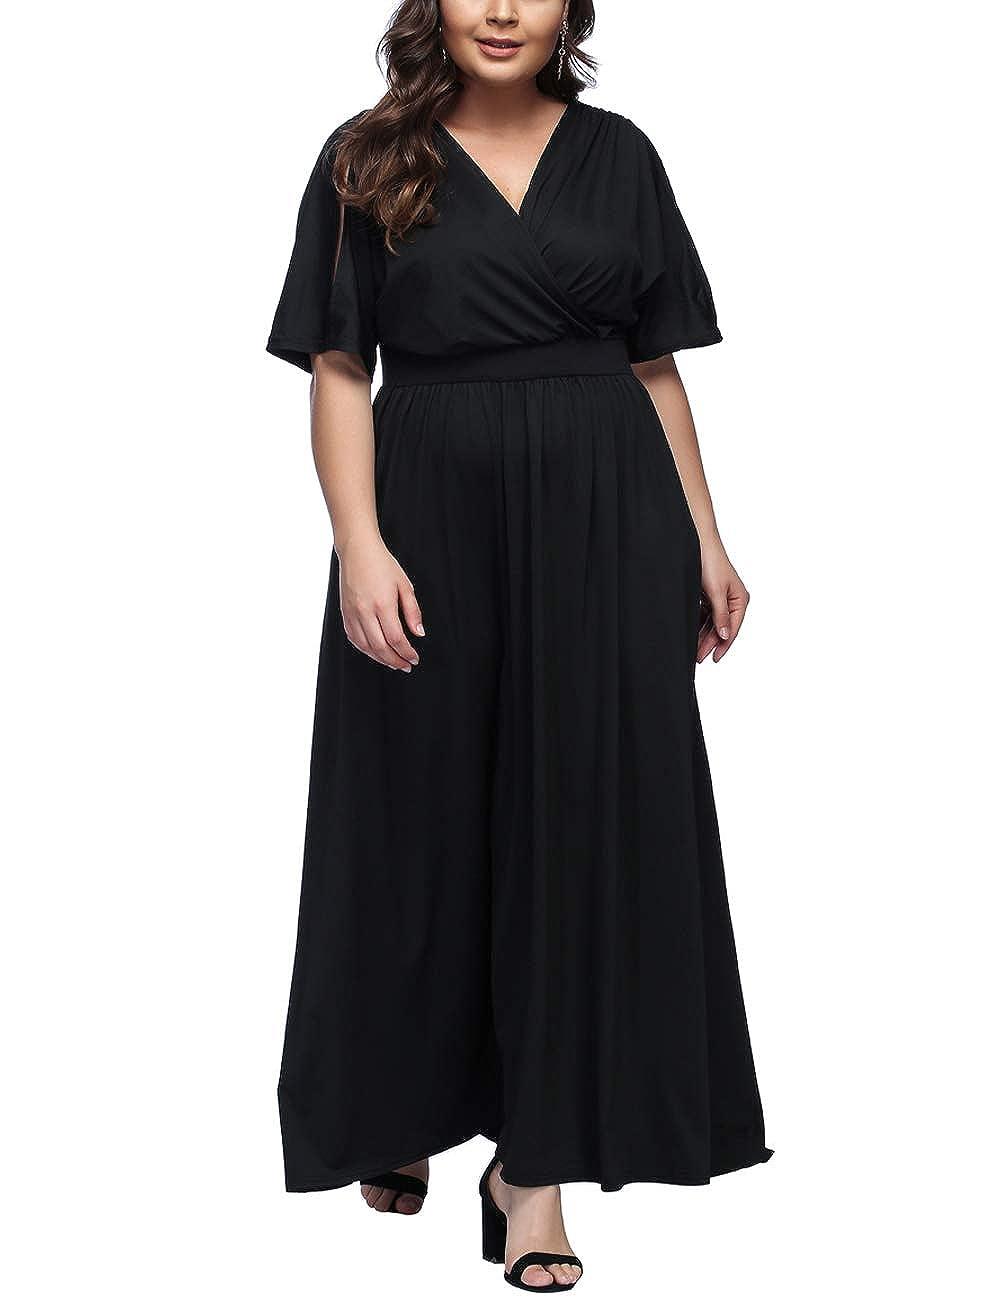 TALLA XL/ES 46-48. FeelinGirl 1950 Año Retro A-Línea Falda de Fiesta para Mujer Oscuro XL/ES 46-48